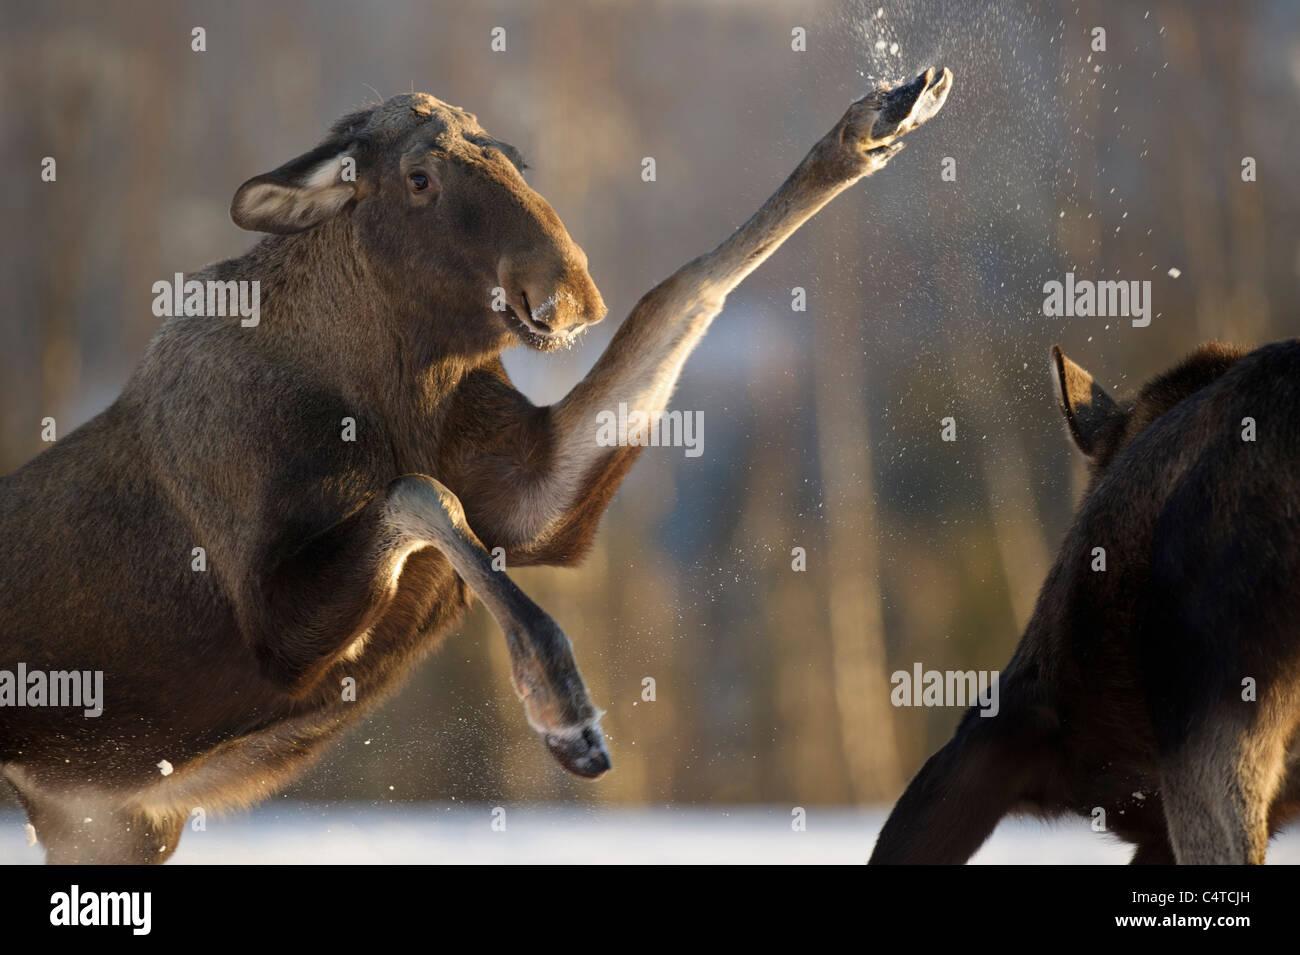 Moose, Unión Elk (Alces alces). Hembras luchando sobre los alimentos, Noruega. Imagen De Stock